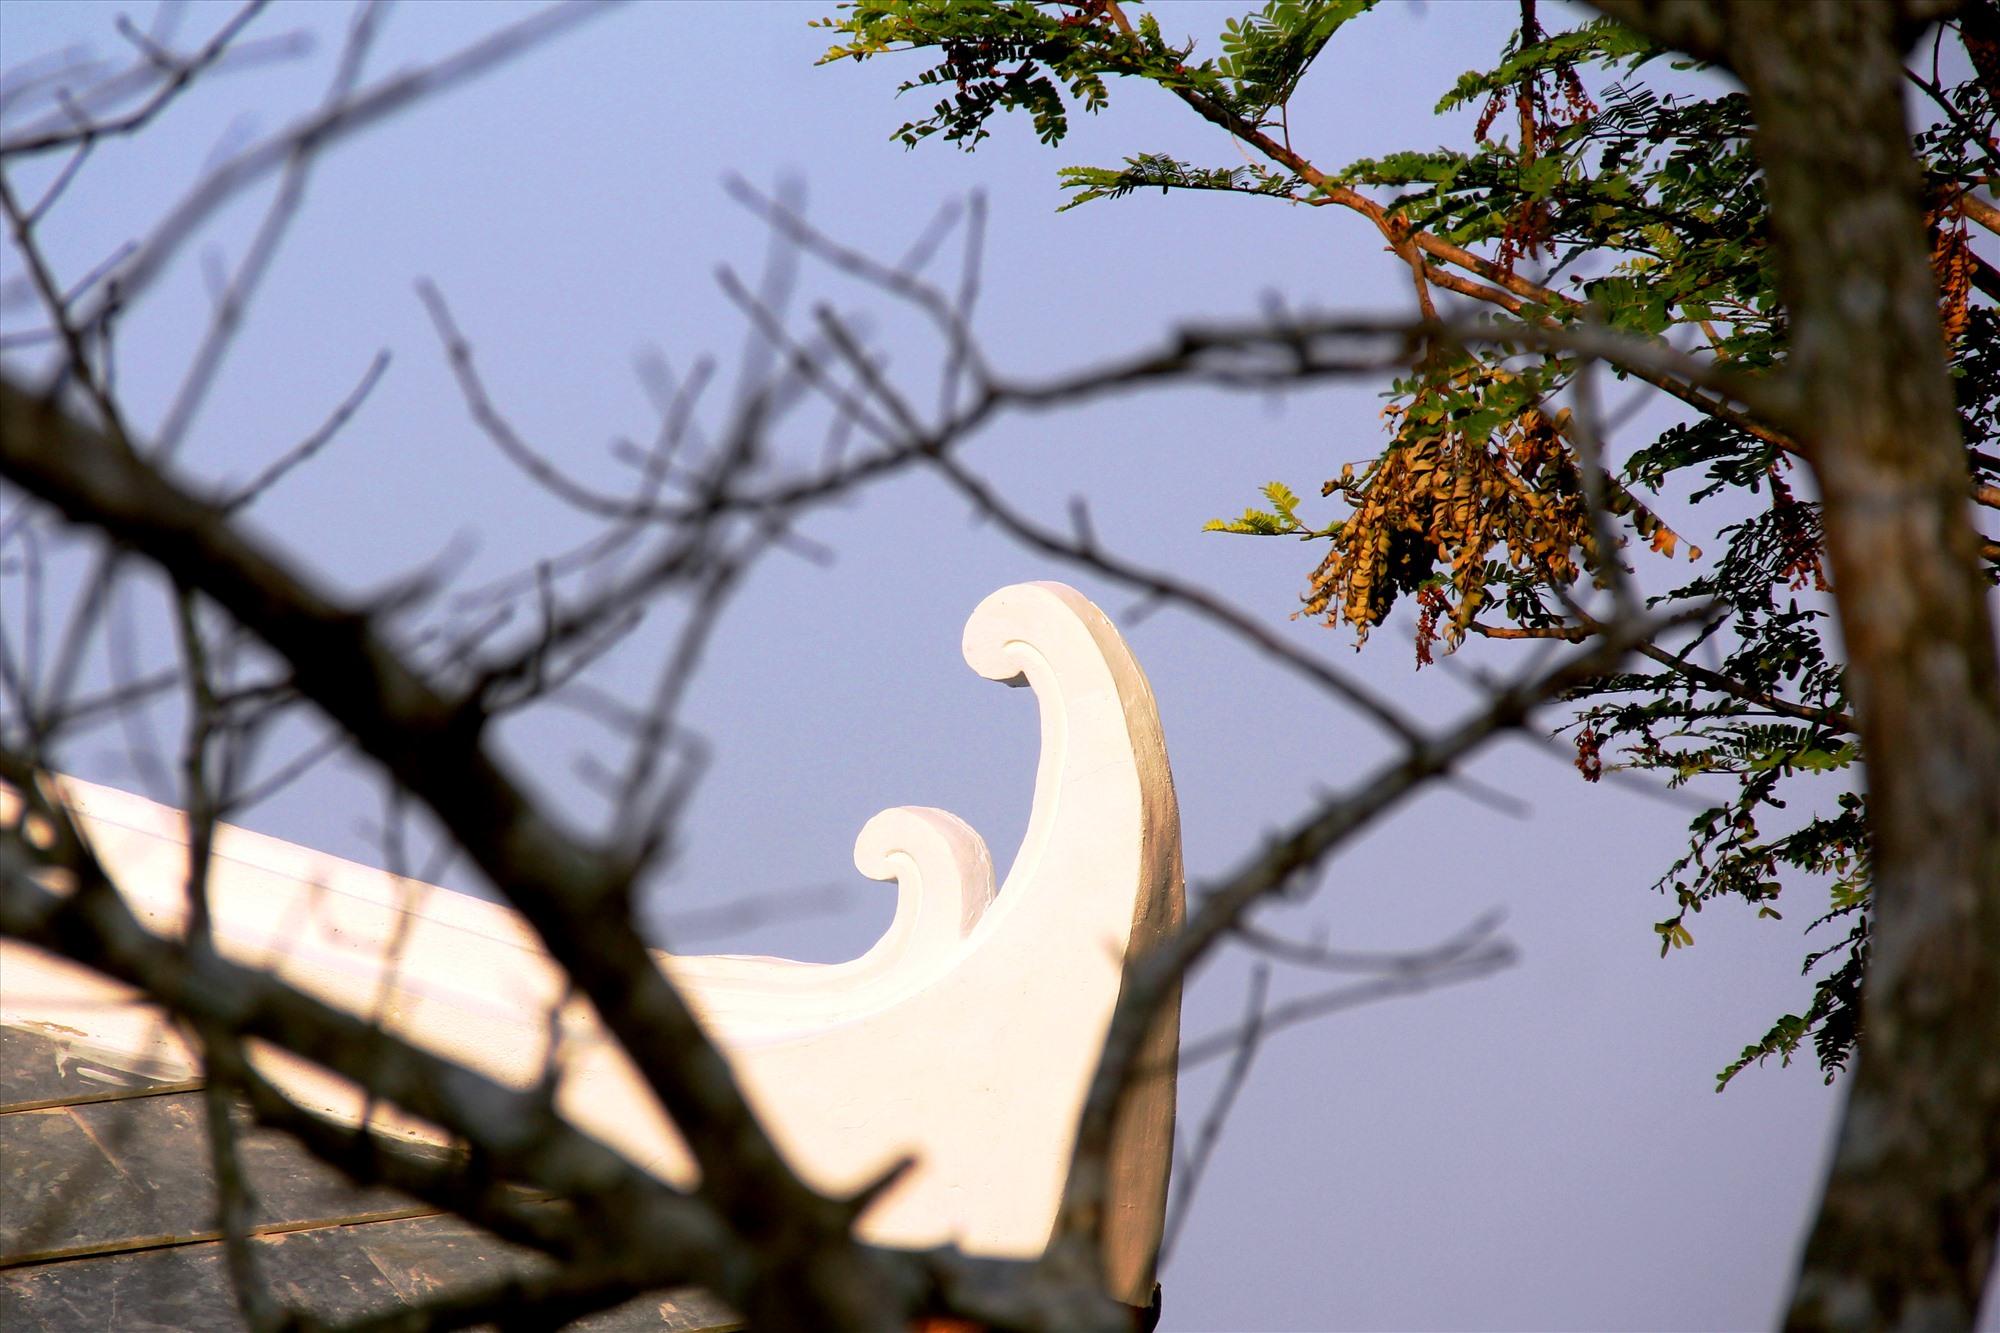 Nhiều chi tiết độc đáo được thiết kế trên đường viền sàn mái, mang nét đặc trưng trong kiến trúc văn hóa người Việt. Ảnh: A.N